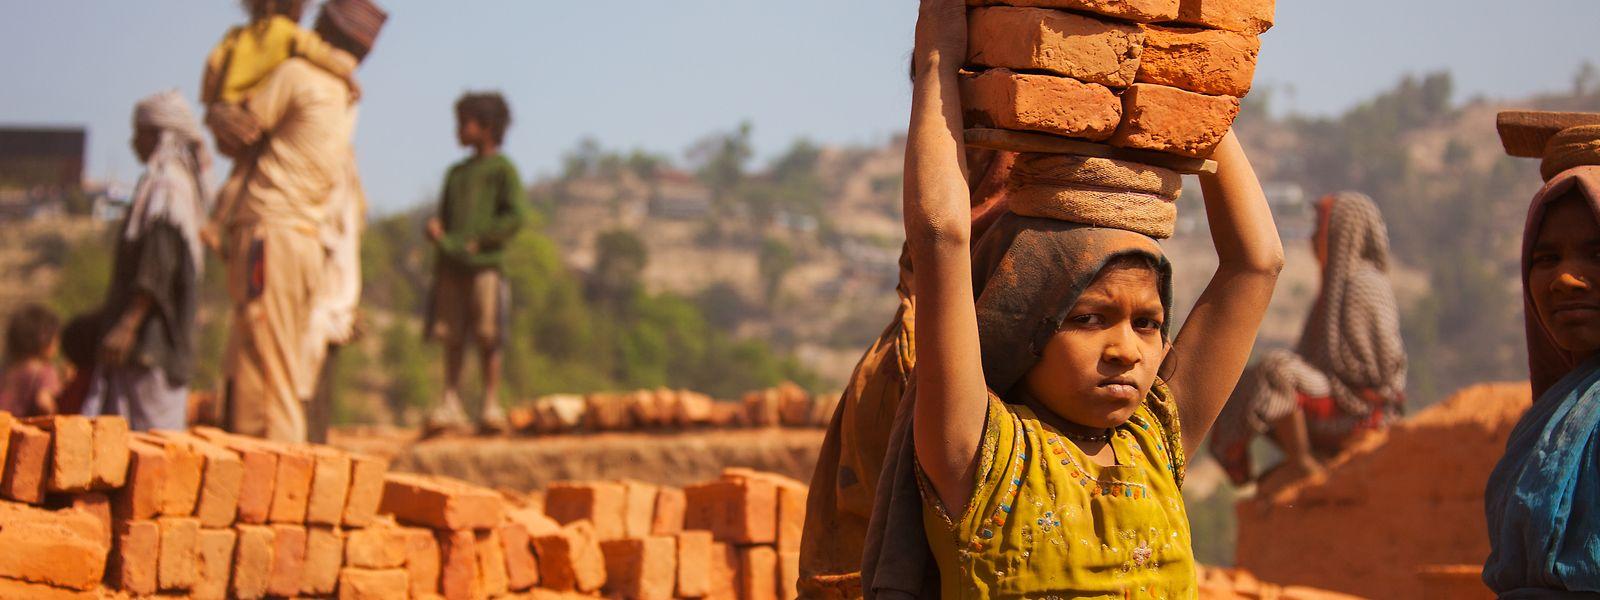 Le travail des enfants, ici dans une briquerie népalaise, est une violation des droits humains.